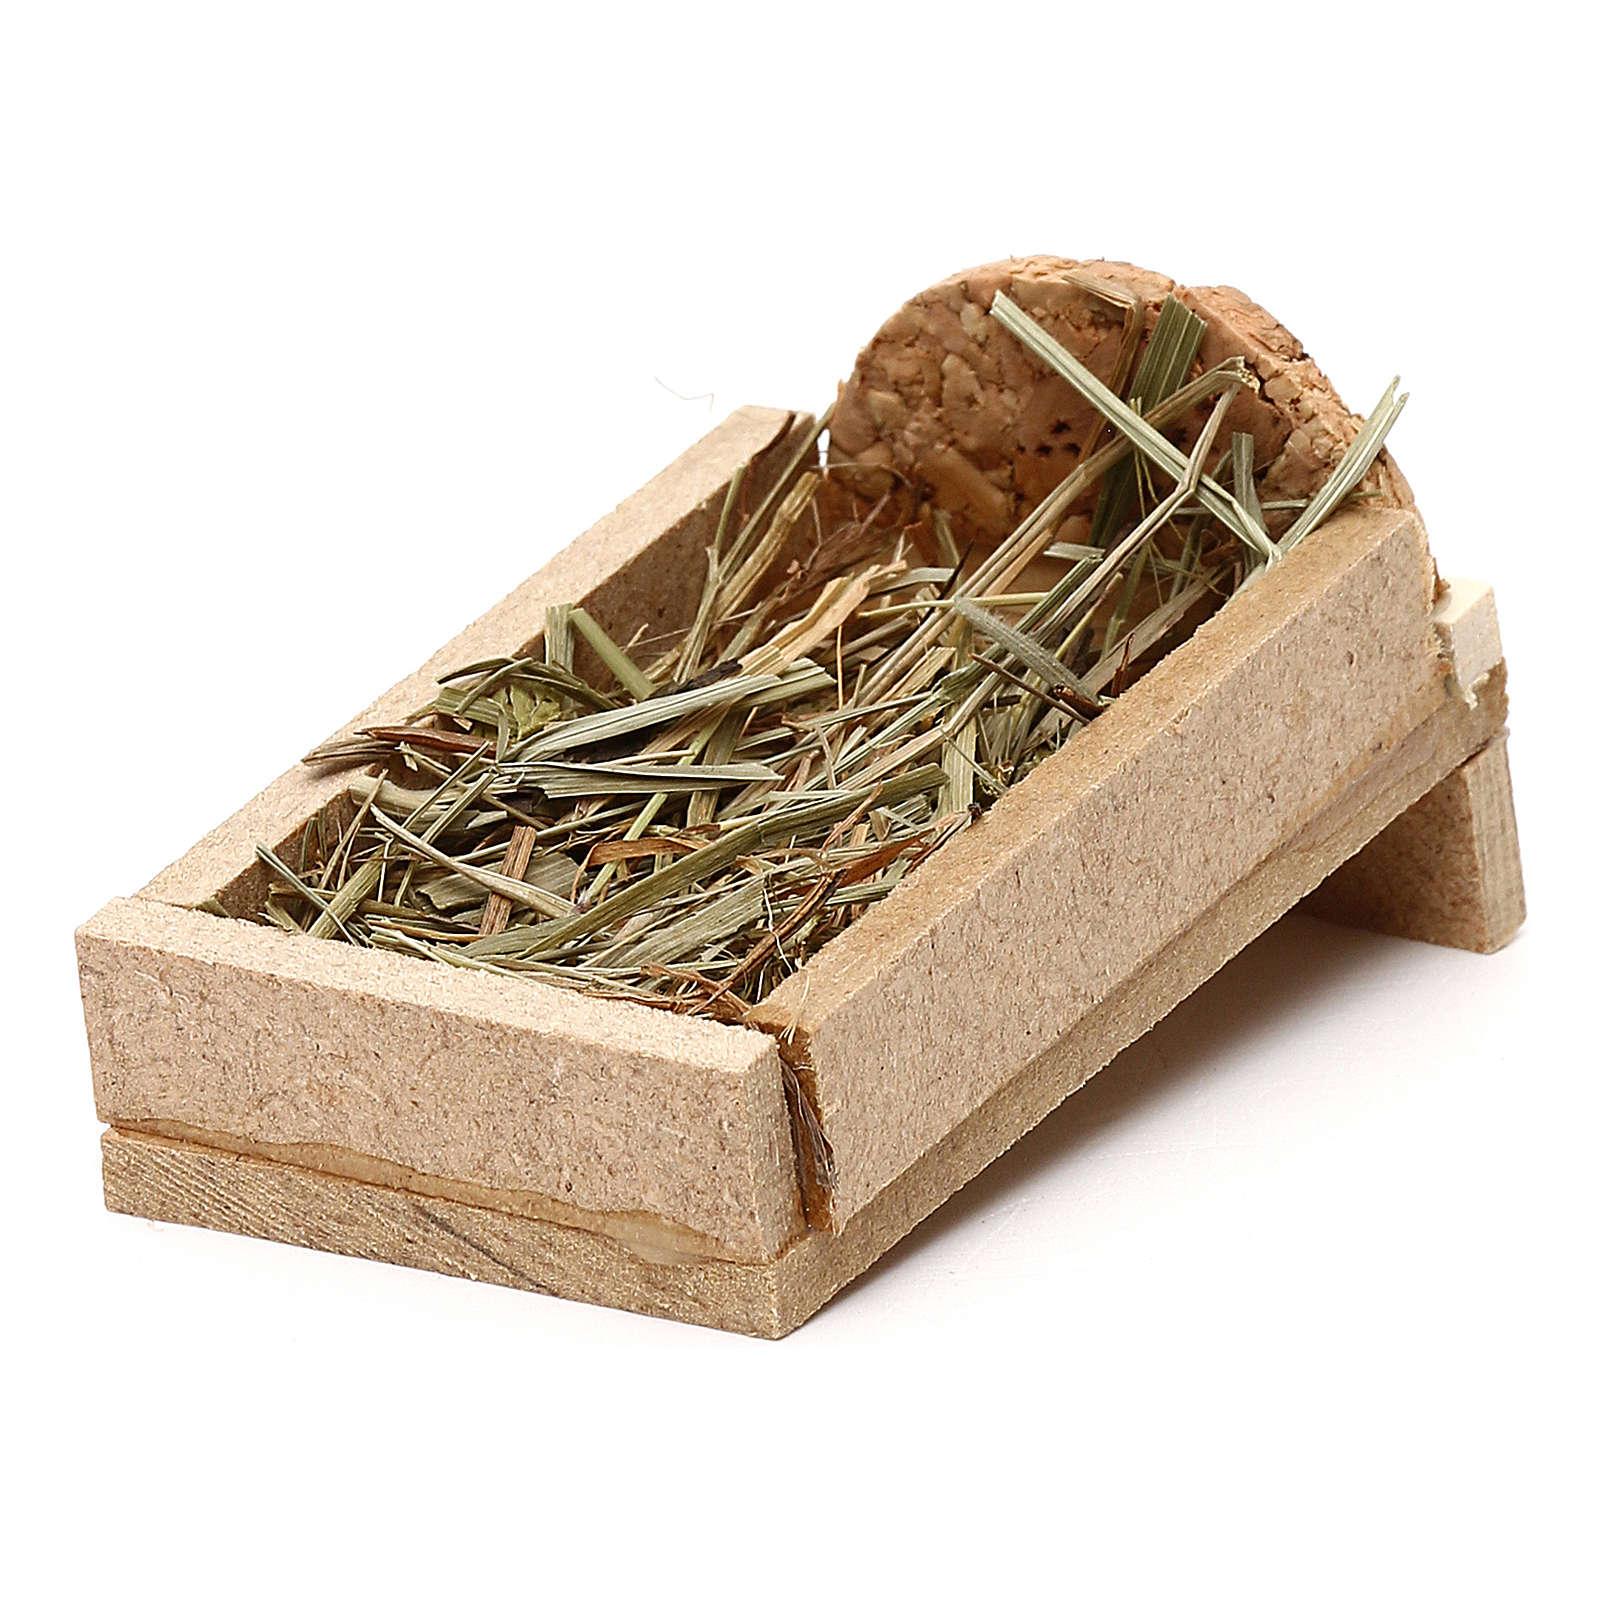 Cuna de madera y pajizo belén 5 cm 3